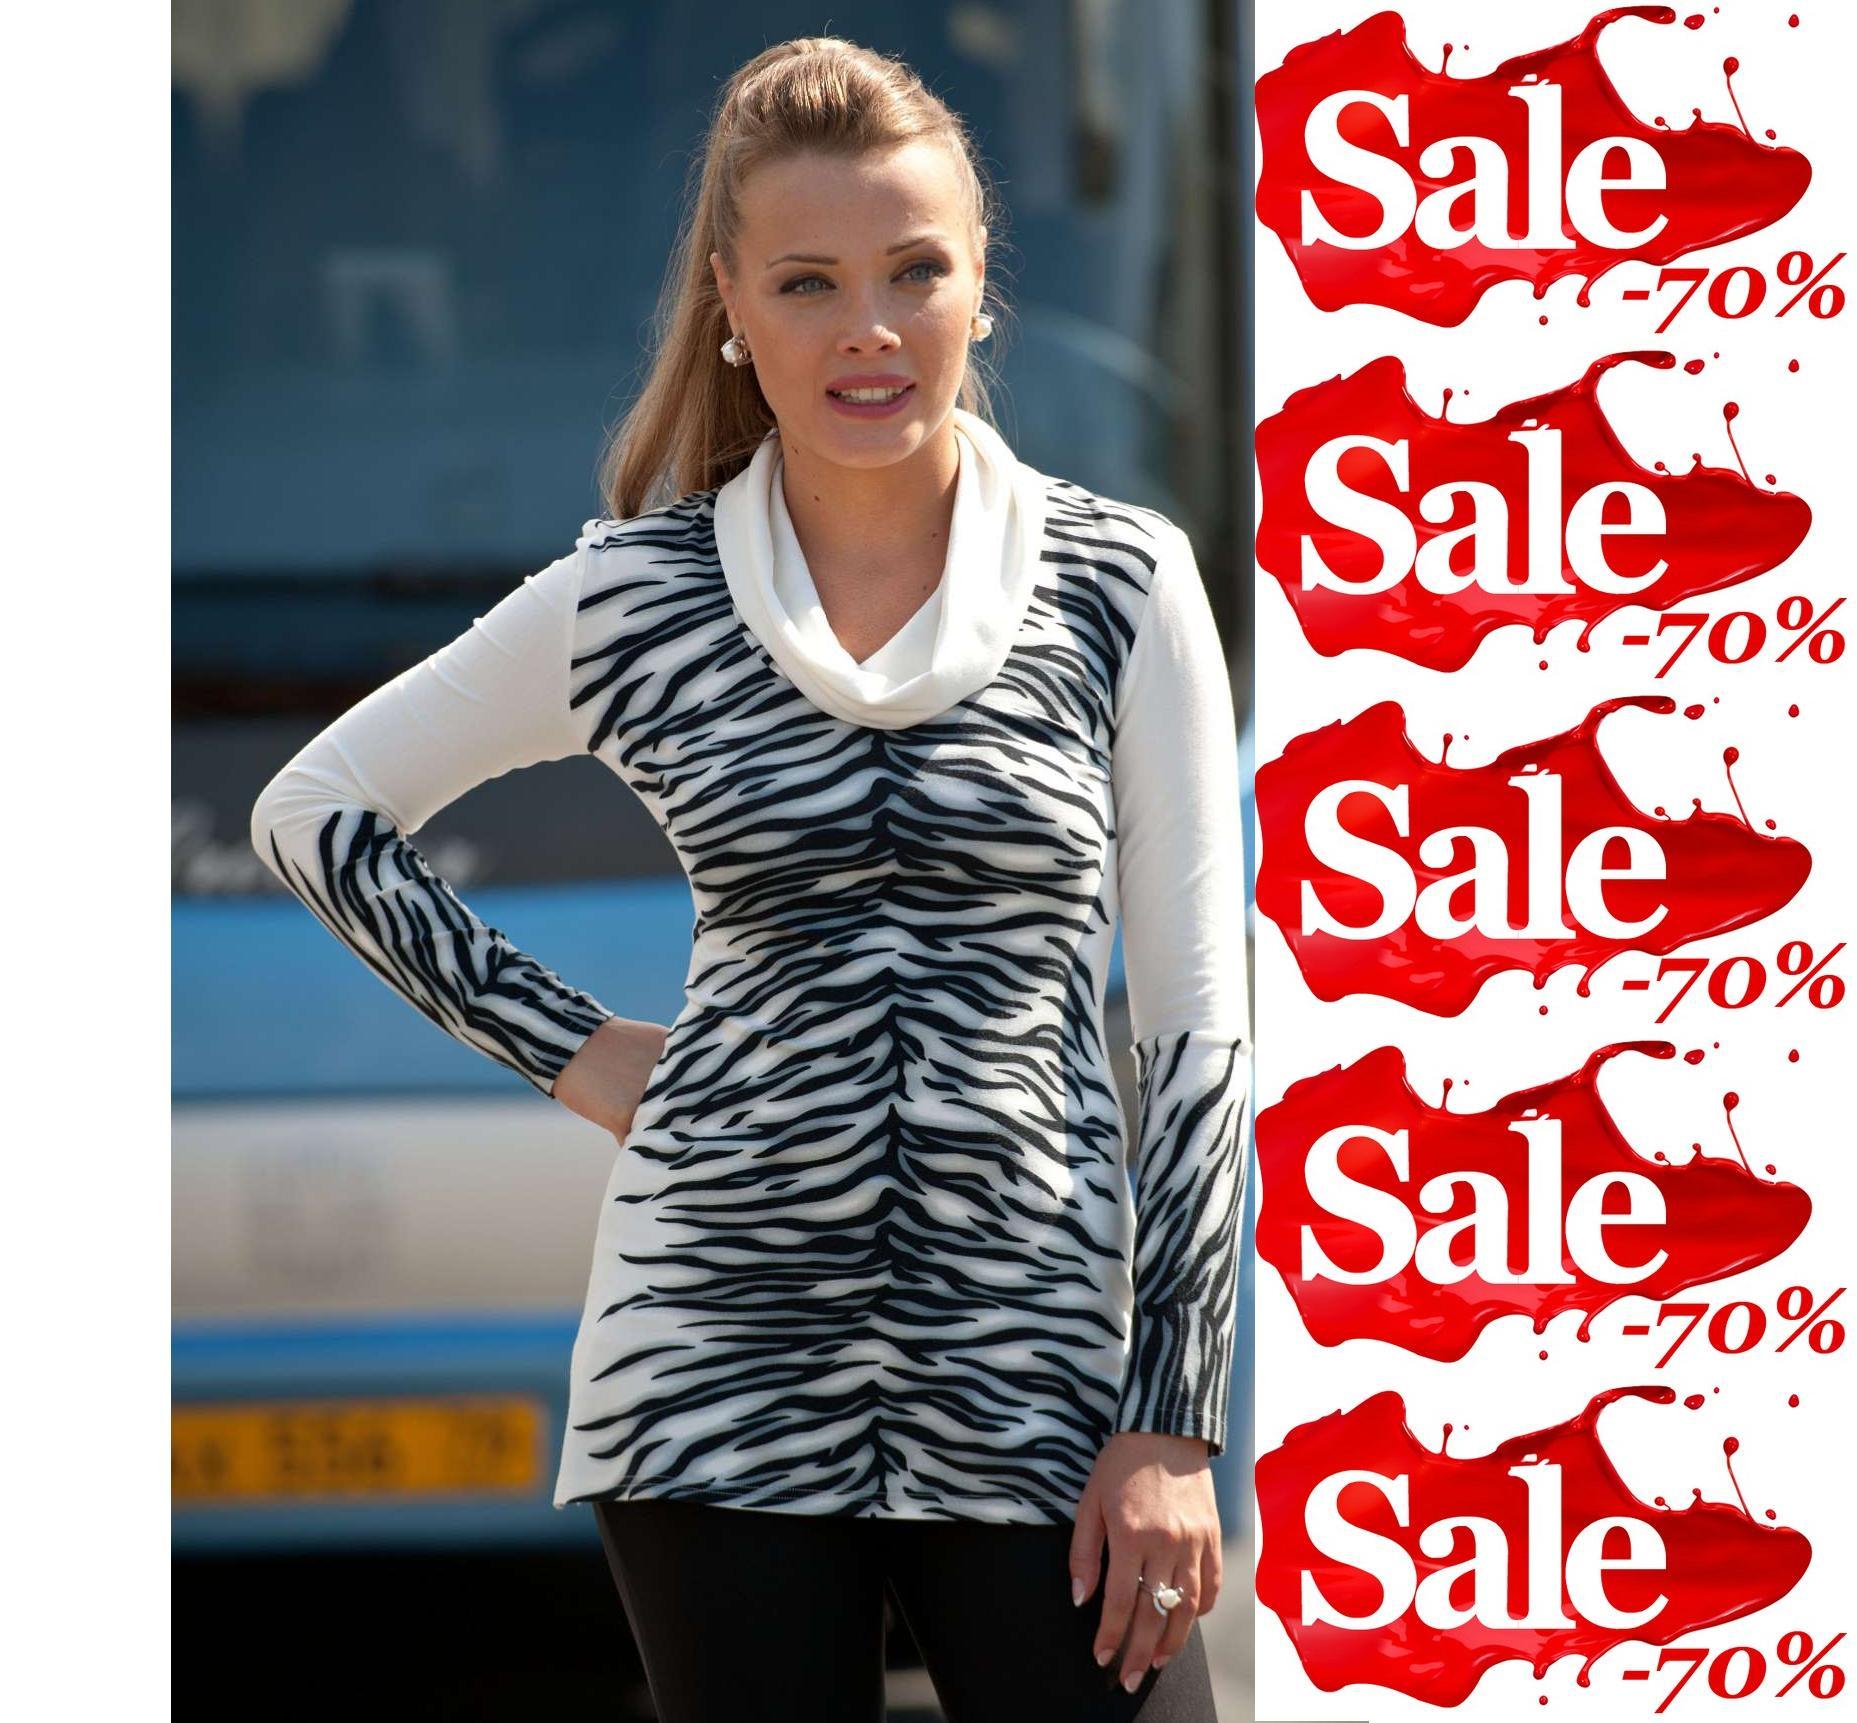 Мода-Л-9. Супер-экспресс. Успей заказать! Скидка 70% на всё! Лучшее качество по невероятно низким ценам! Более 250 моделей платьев, юбок, блузок. Стоп 15 сентября!